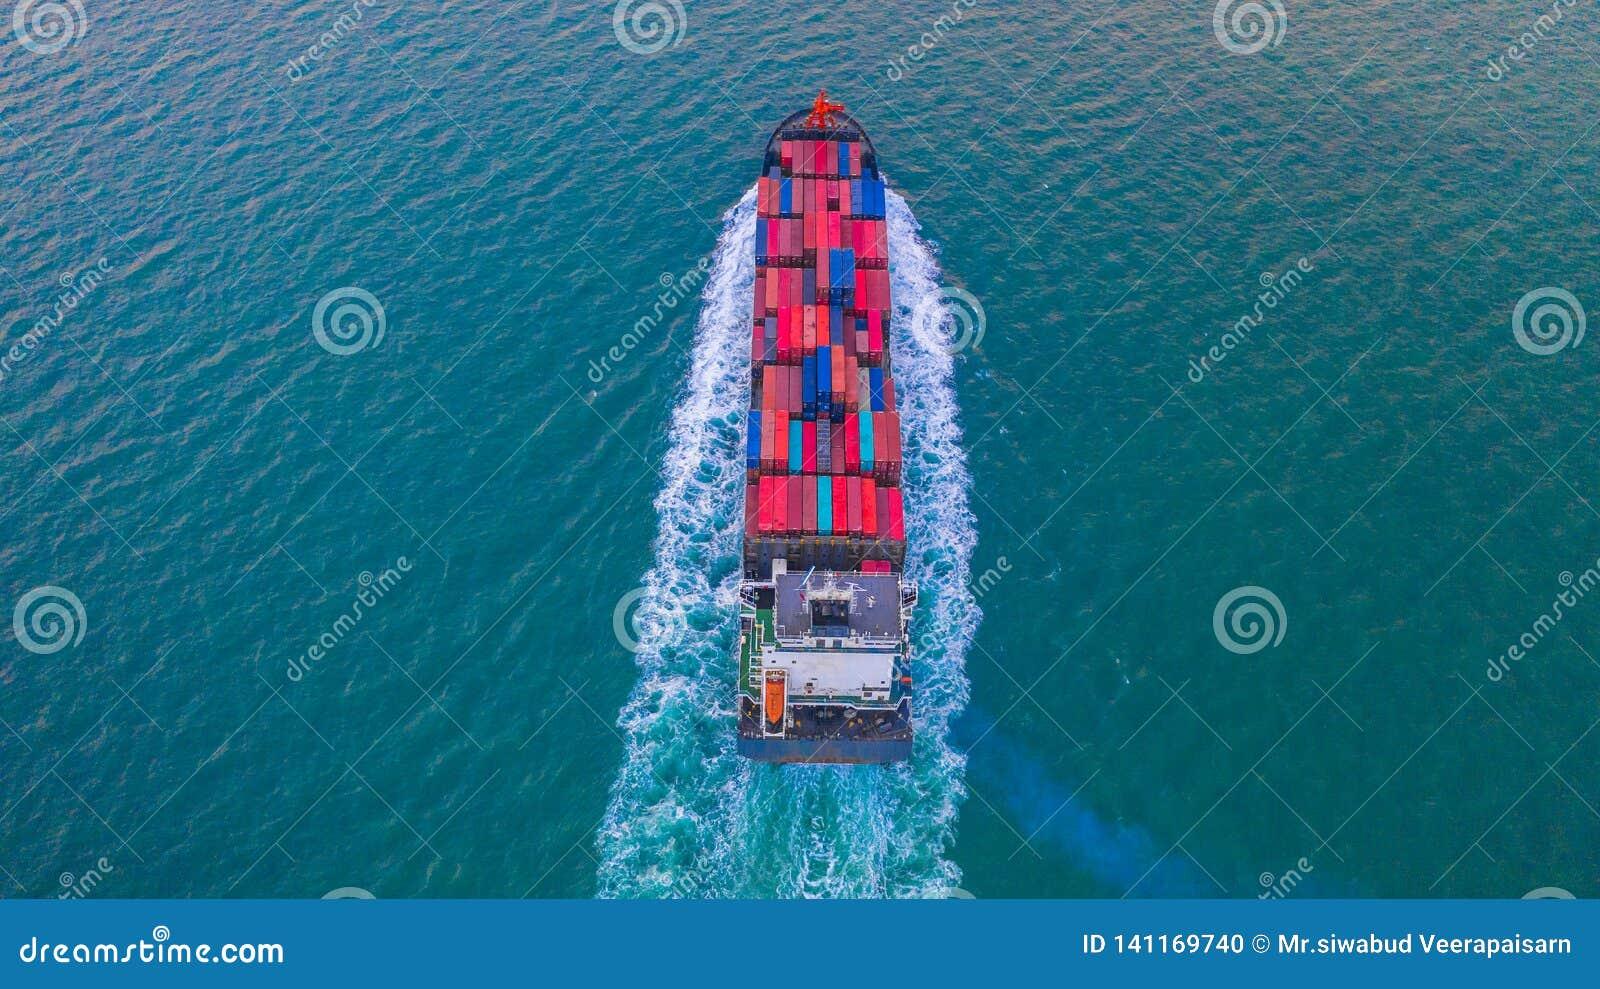 Ask för behållare för behållareskepp bärande för import- och exportaffären som är logistisk och trans. med behållareskeppet i det